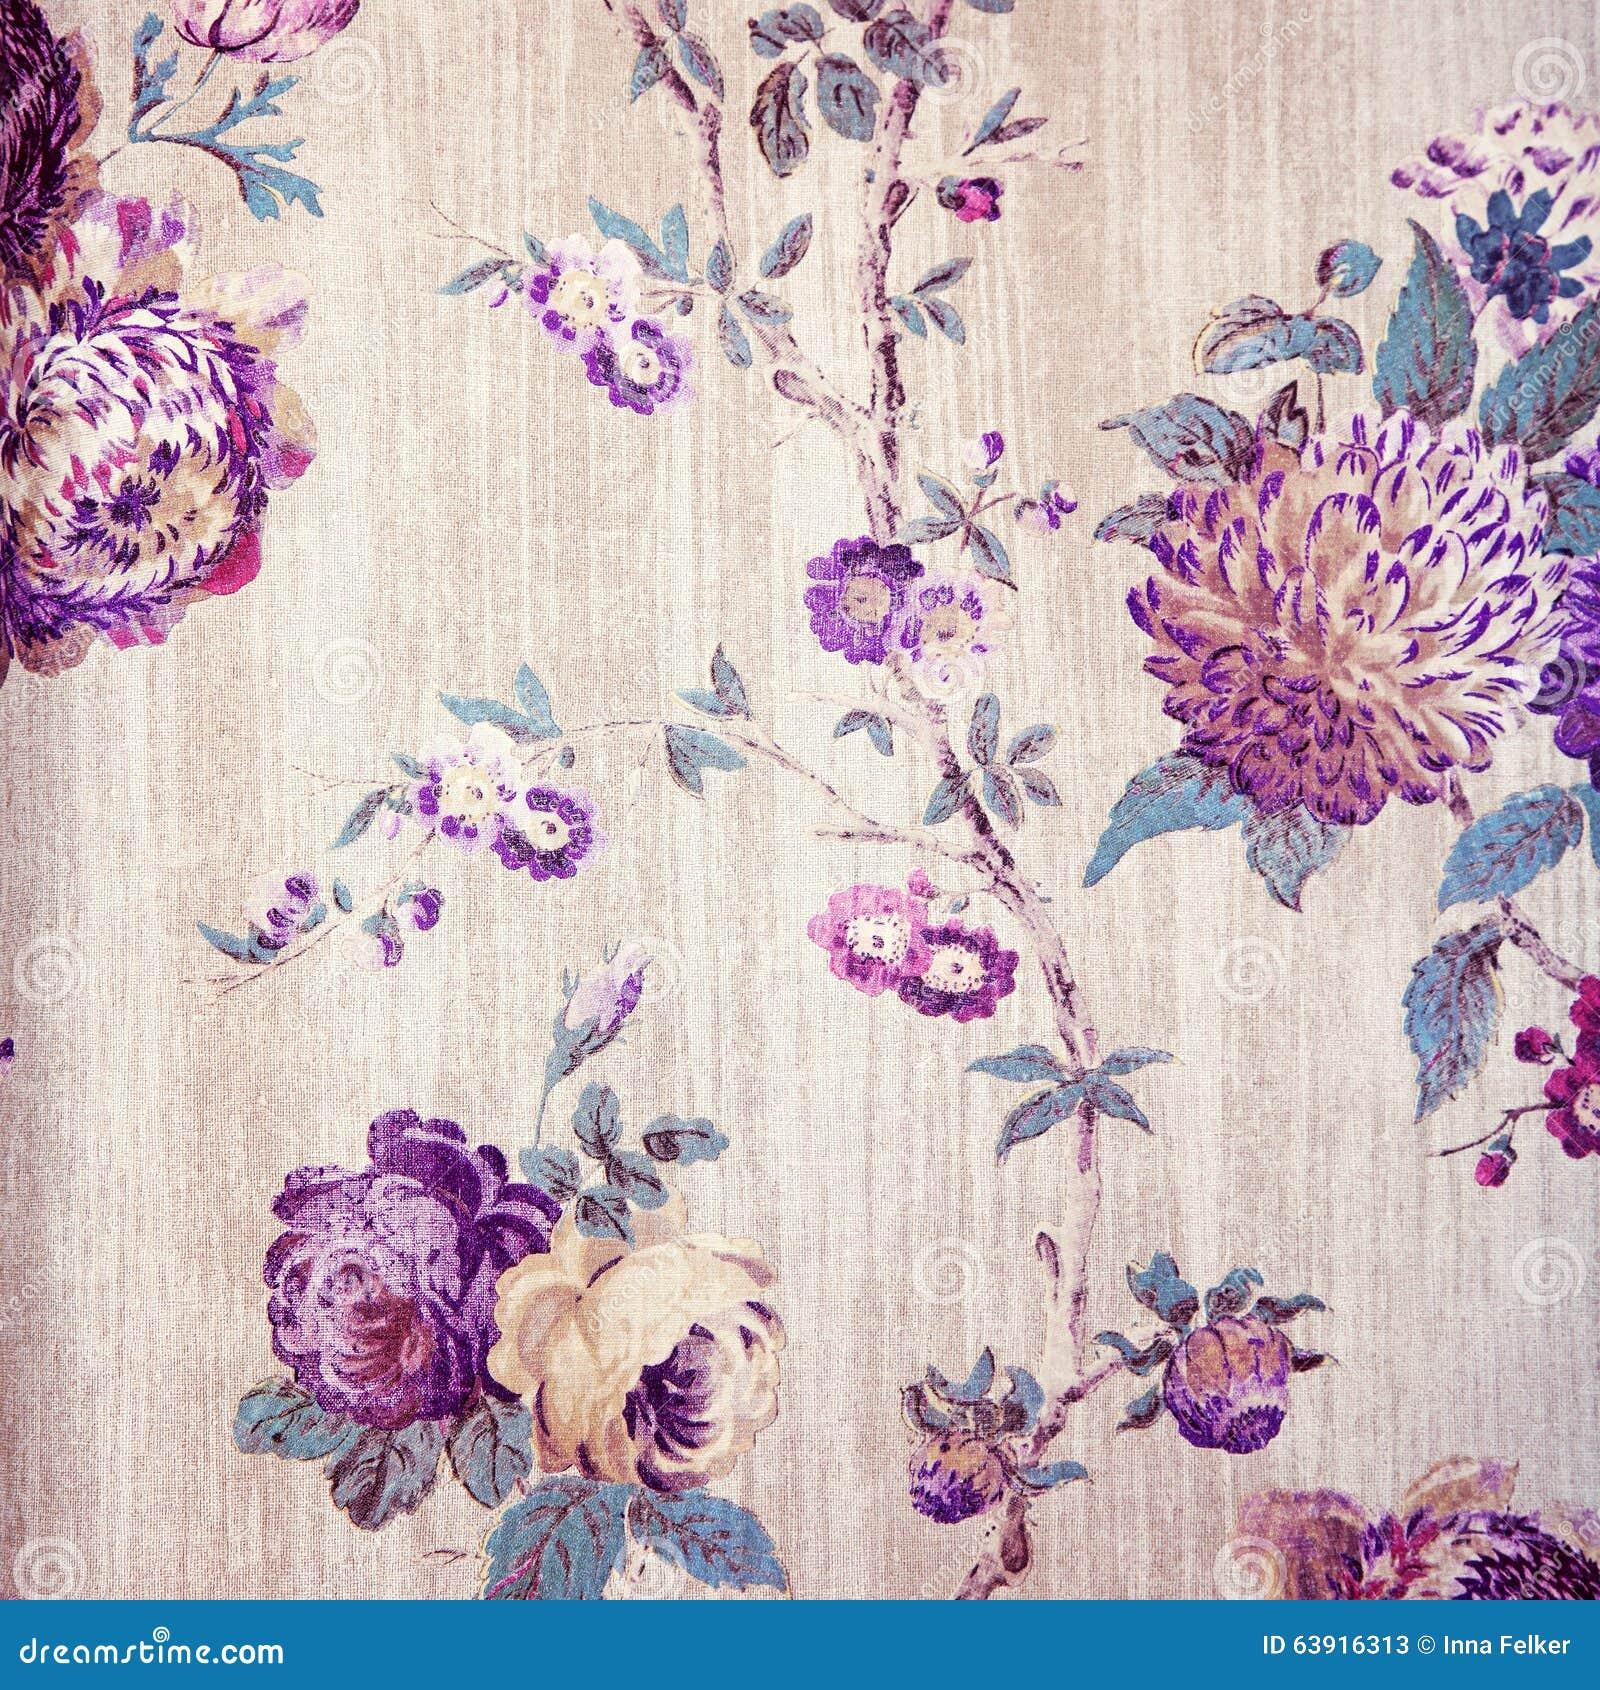 vintage shabby chic beige wallpaper with violet floral victorian stock image image 63916313. Black Bedroom Furniture Sets. Home Design Ideas